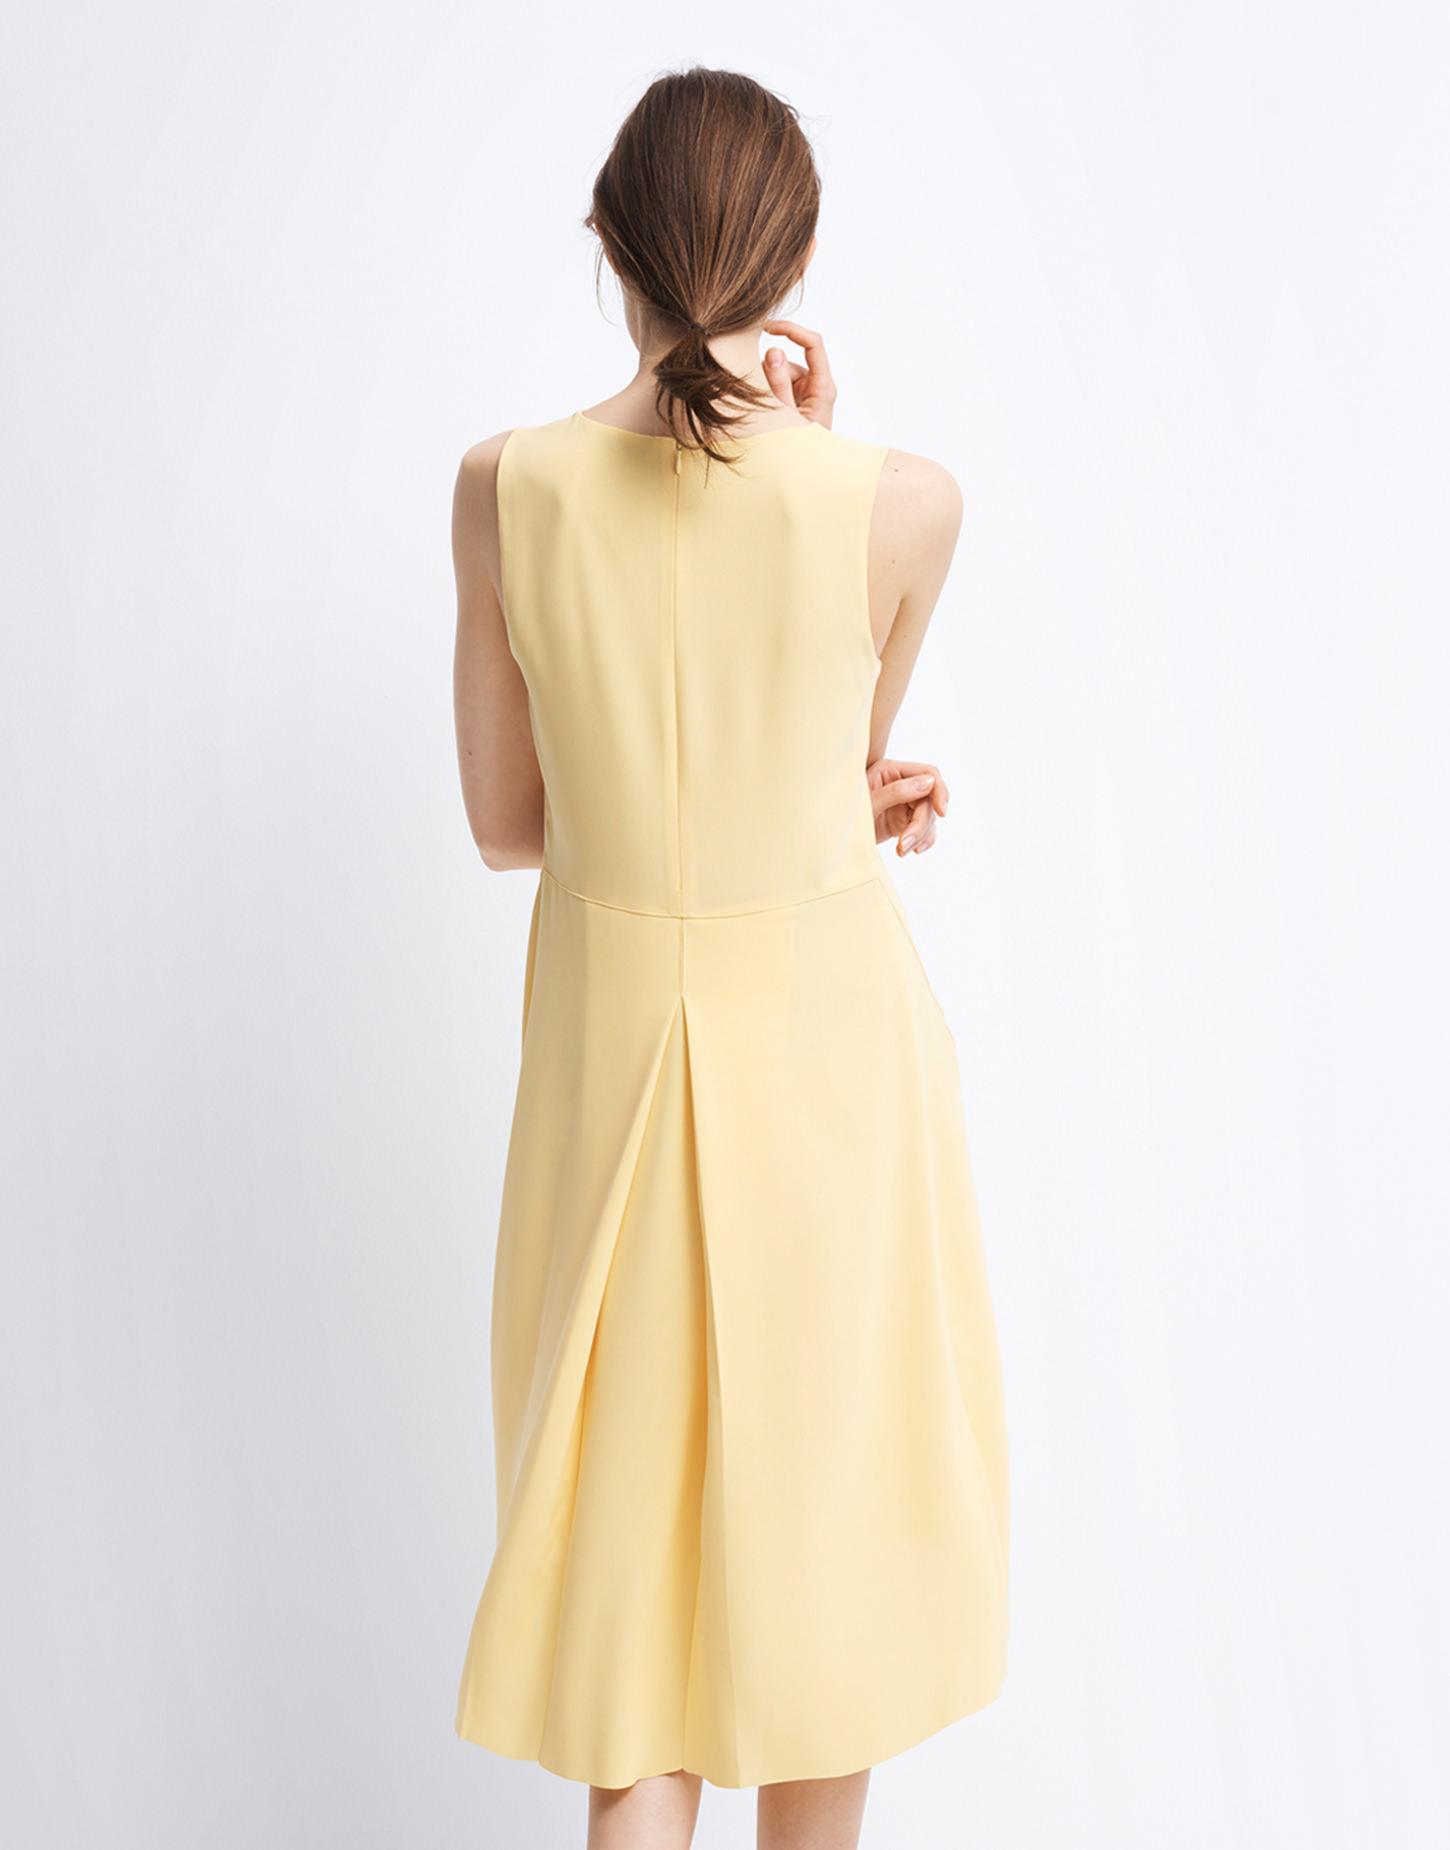 Kleid Qitje gelb online bestellen | someday Online Shop